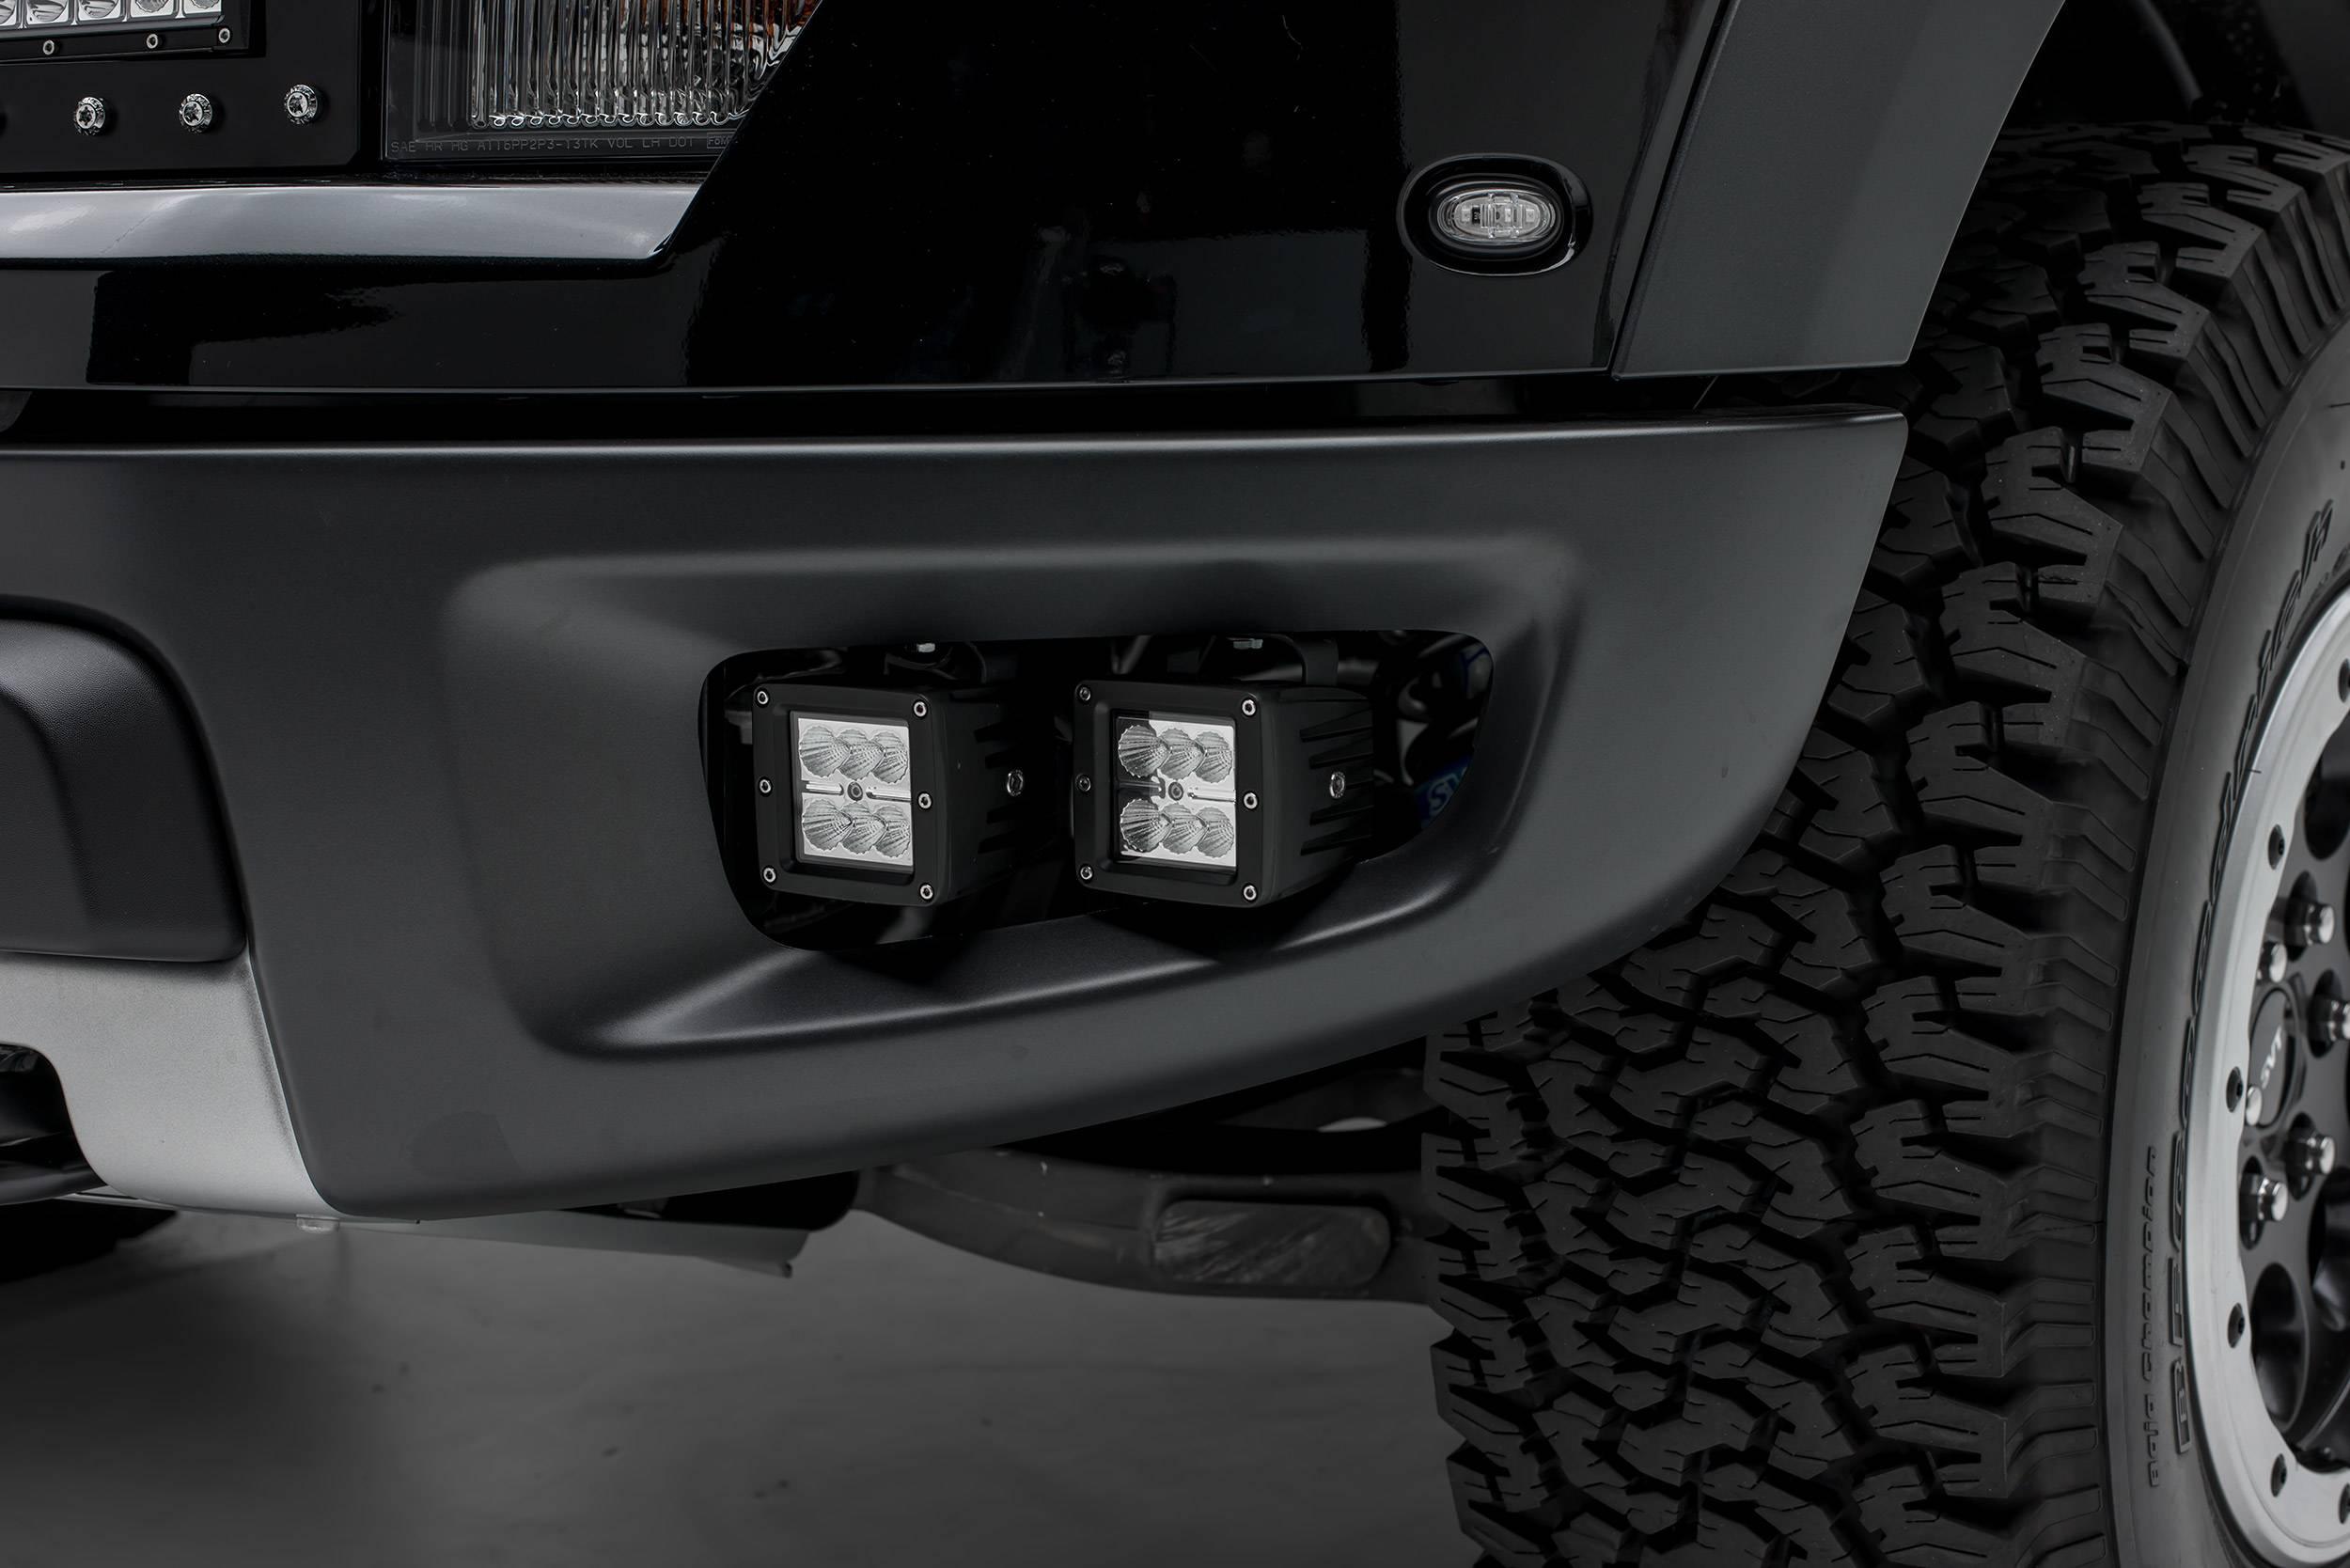 2010-2014 Ford F-150 Raptor Front Bumper OEM Fog LED Bracket to mount (2) 3 Inch LED Pod Lights - PN #Z325671